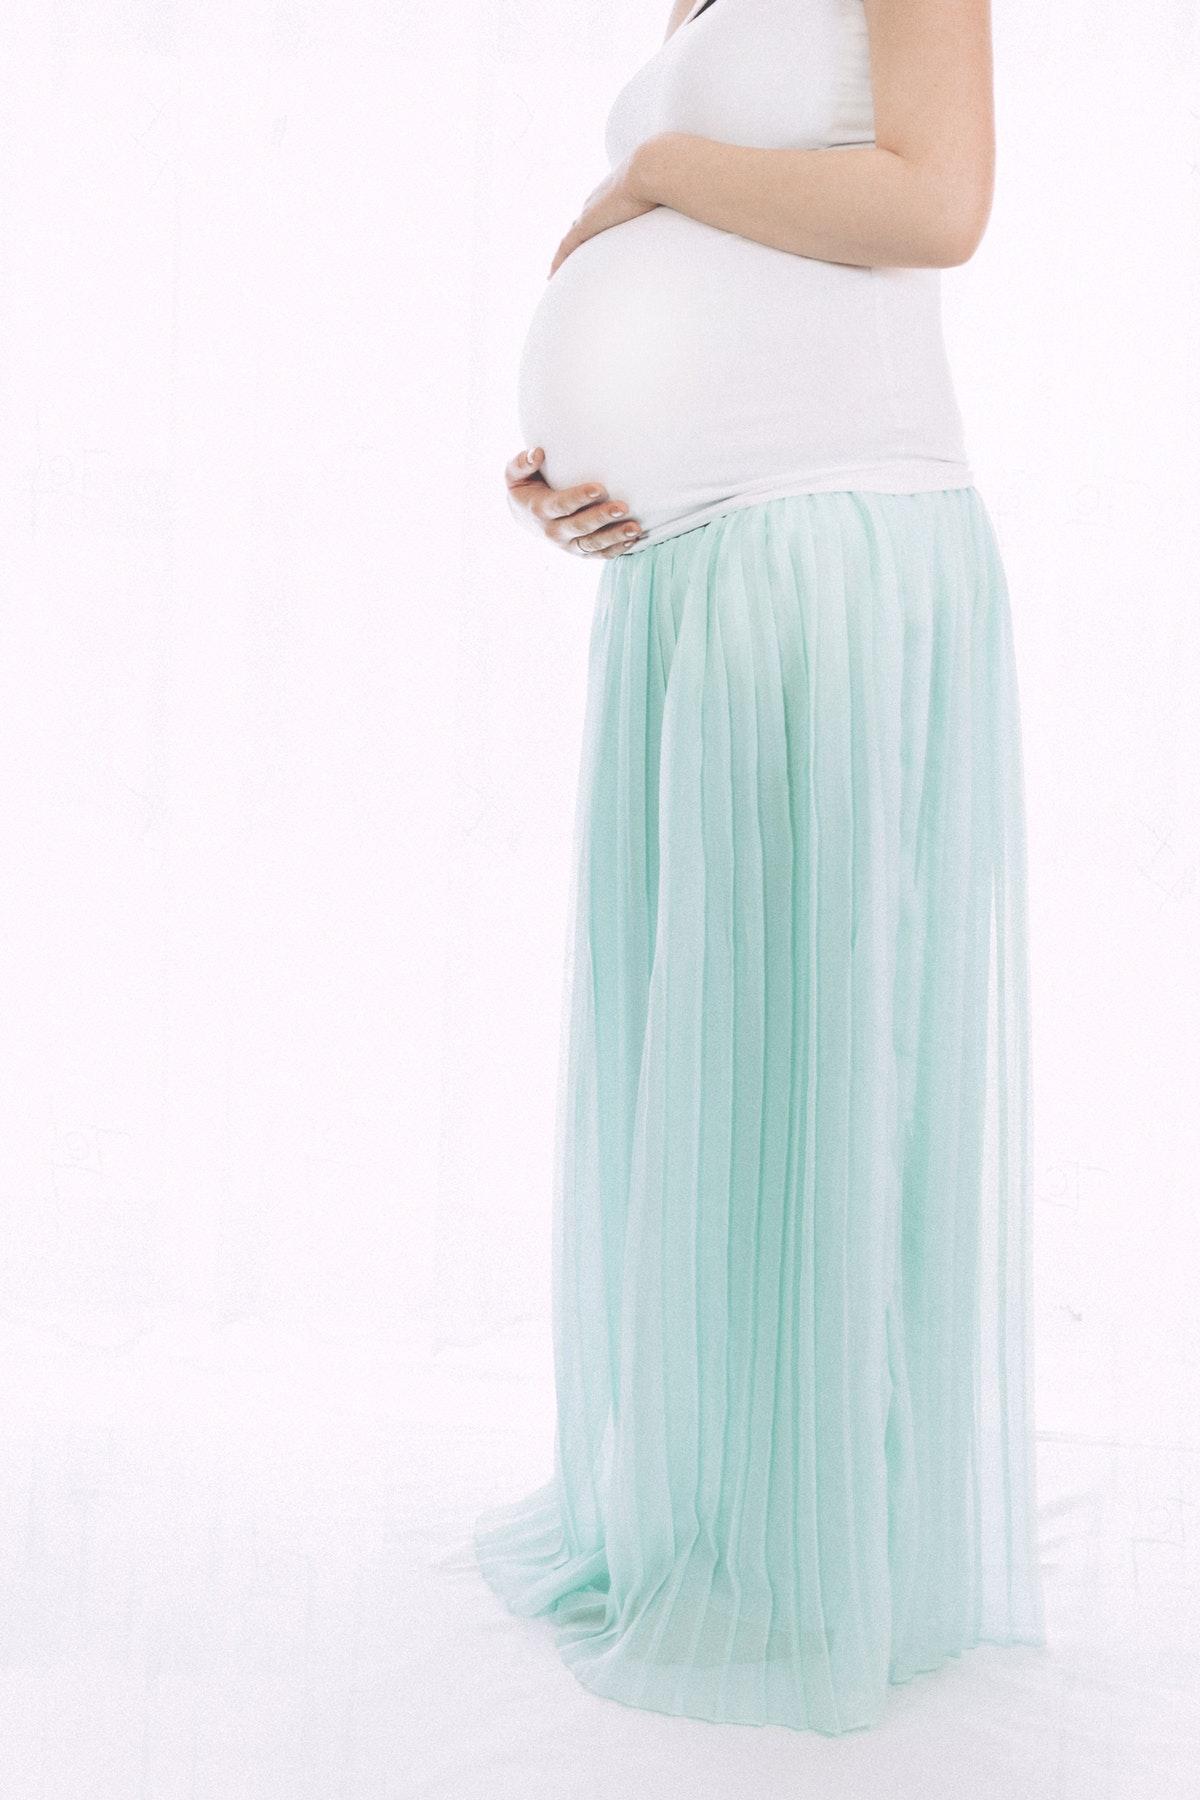 Få foreviget din graviditet med et smukt portræt Aarhus